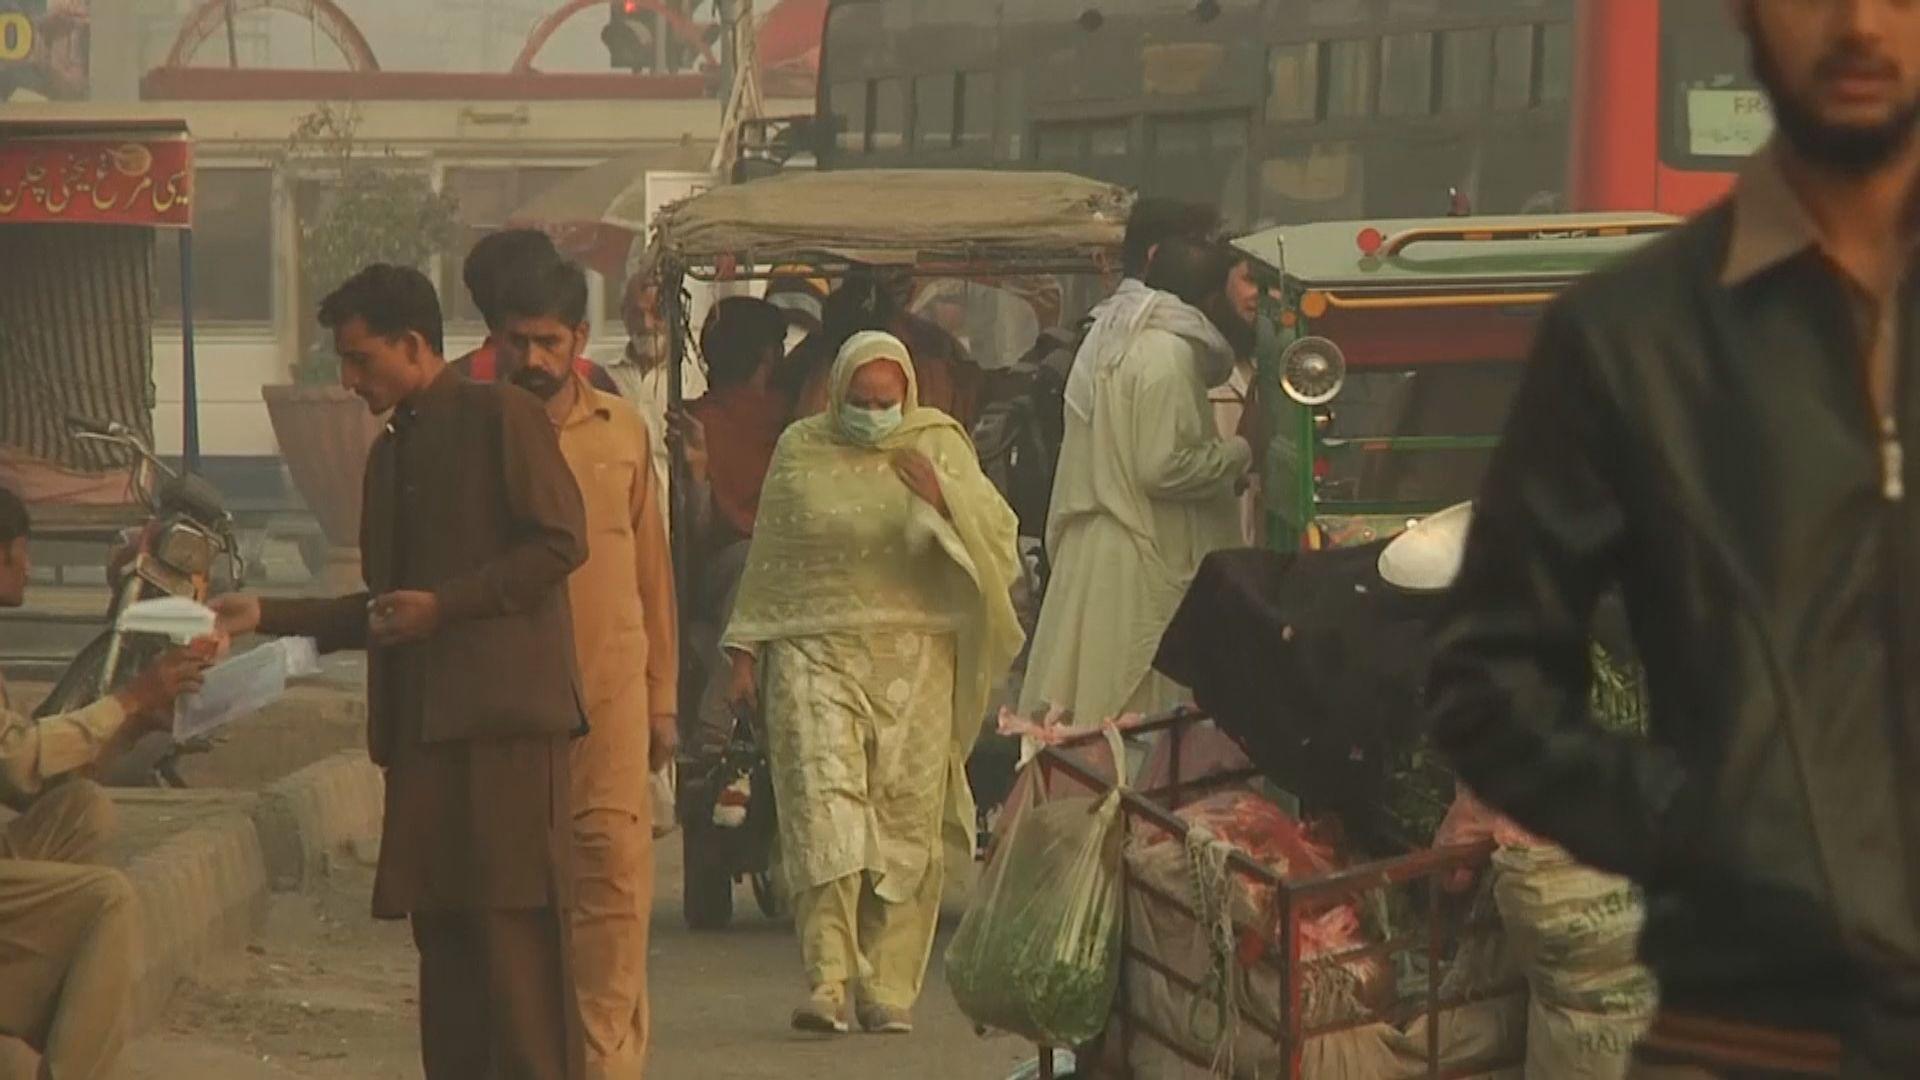 【環球薈報】巴基斯坦旁遮普省禁為強姦案受害人作童貞檢查